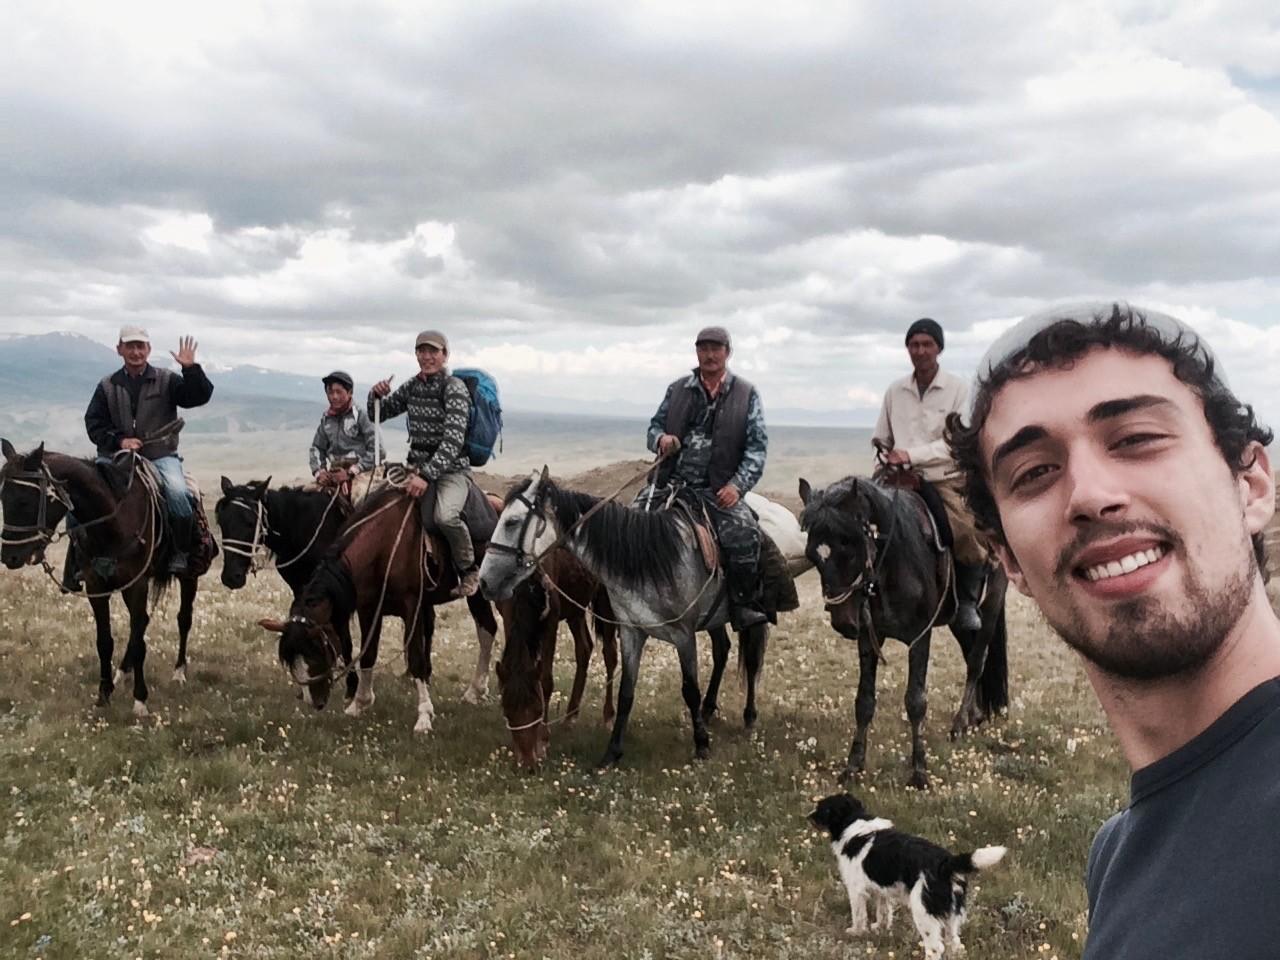 Les rencontres avec les locaux sont la motivation de ces jeunes aventuriers qui souhaitent contribuer, à leur échelle, au rapprochement de la Russie avec l'Occident.